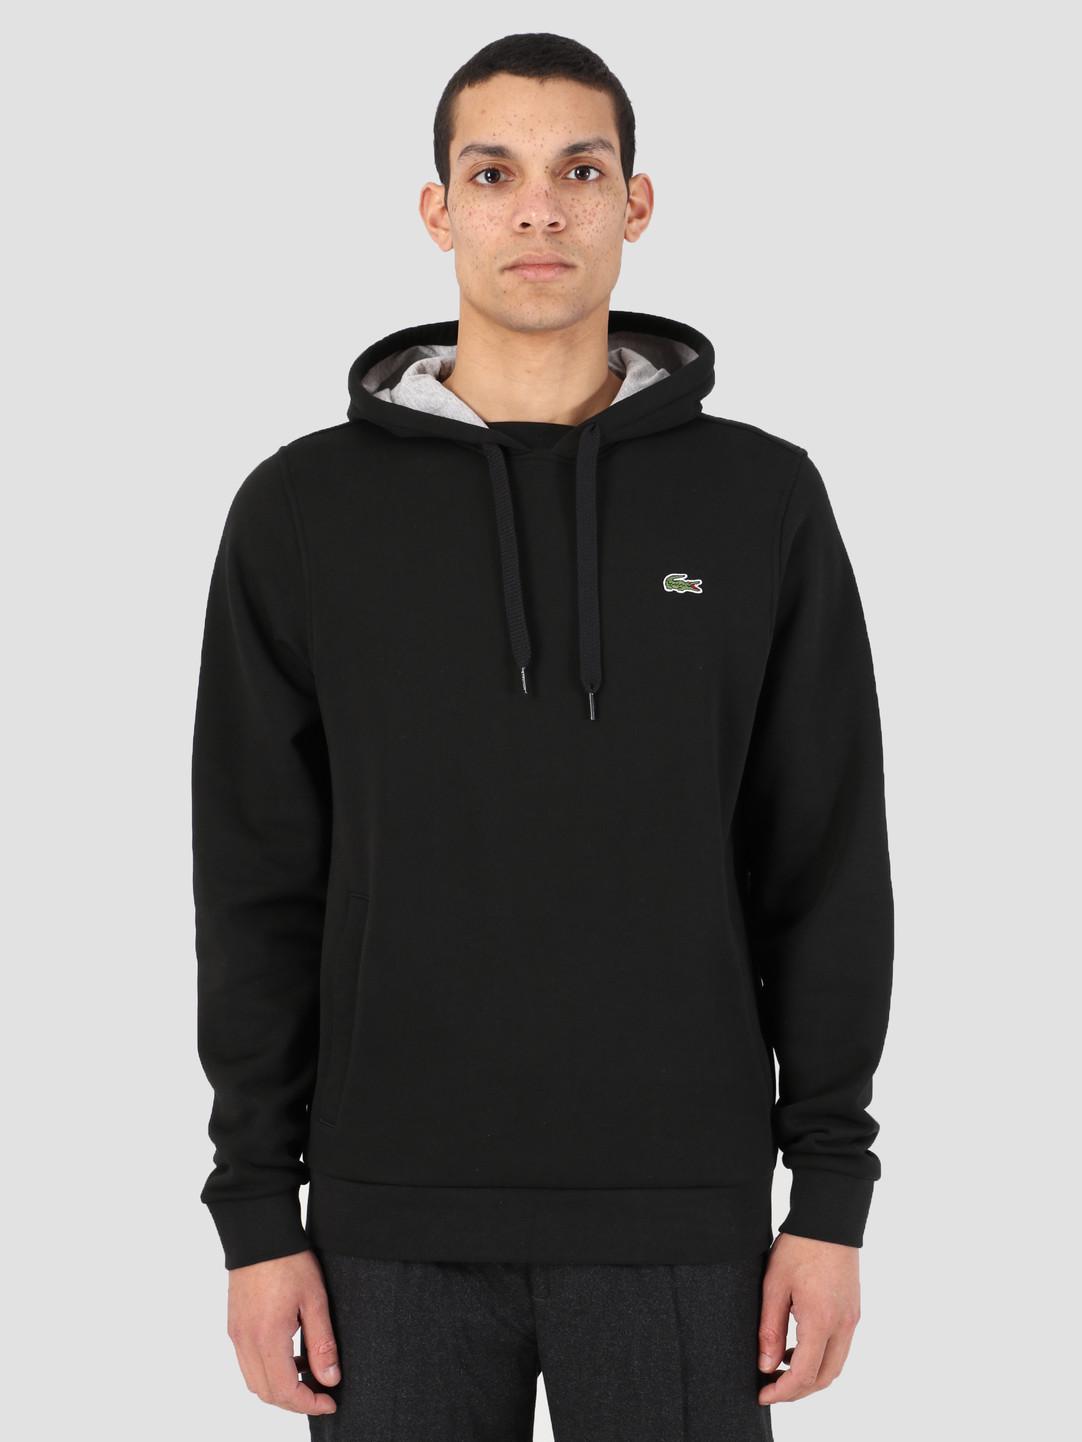 Lacoste Lacoste 1HS1 Sweatshirt 07A Noir Argent Chine Sh2128-83